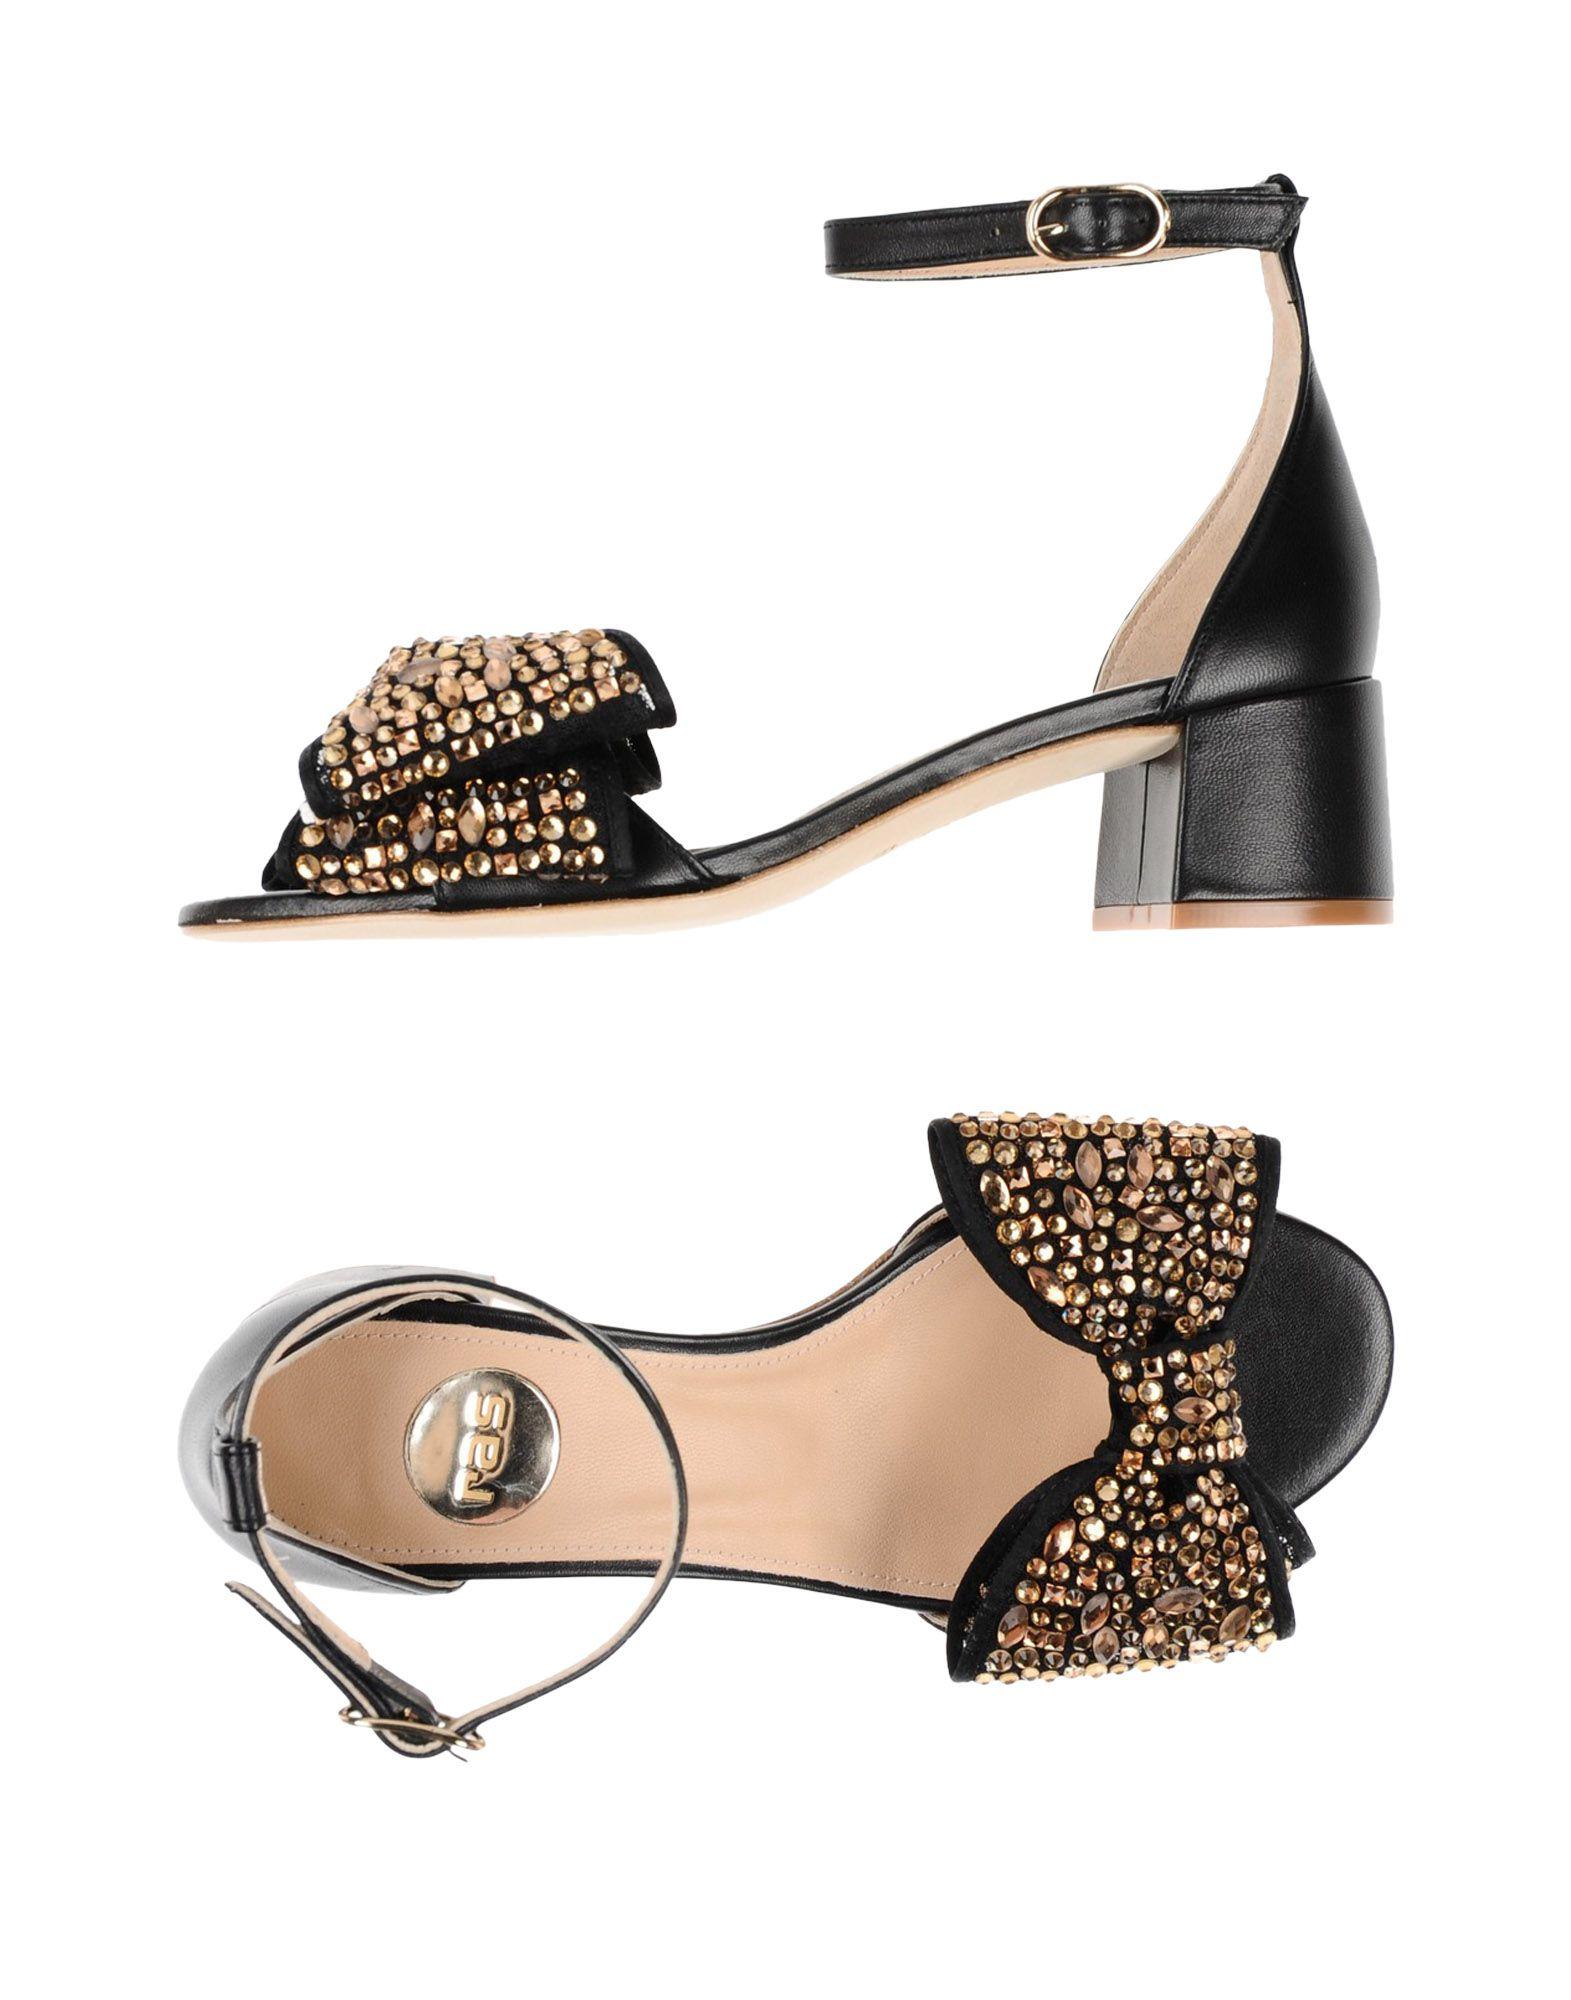 Moda Sandali Ras Donna - - Donna 11438337VP 8770d1